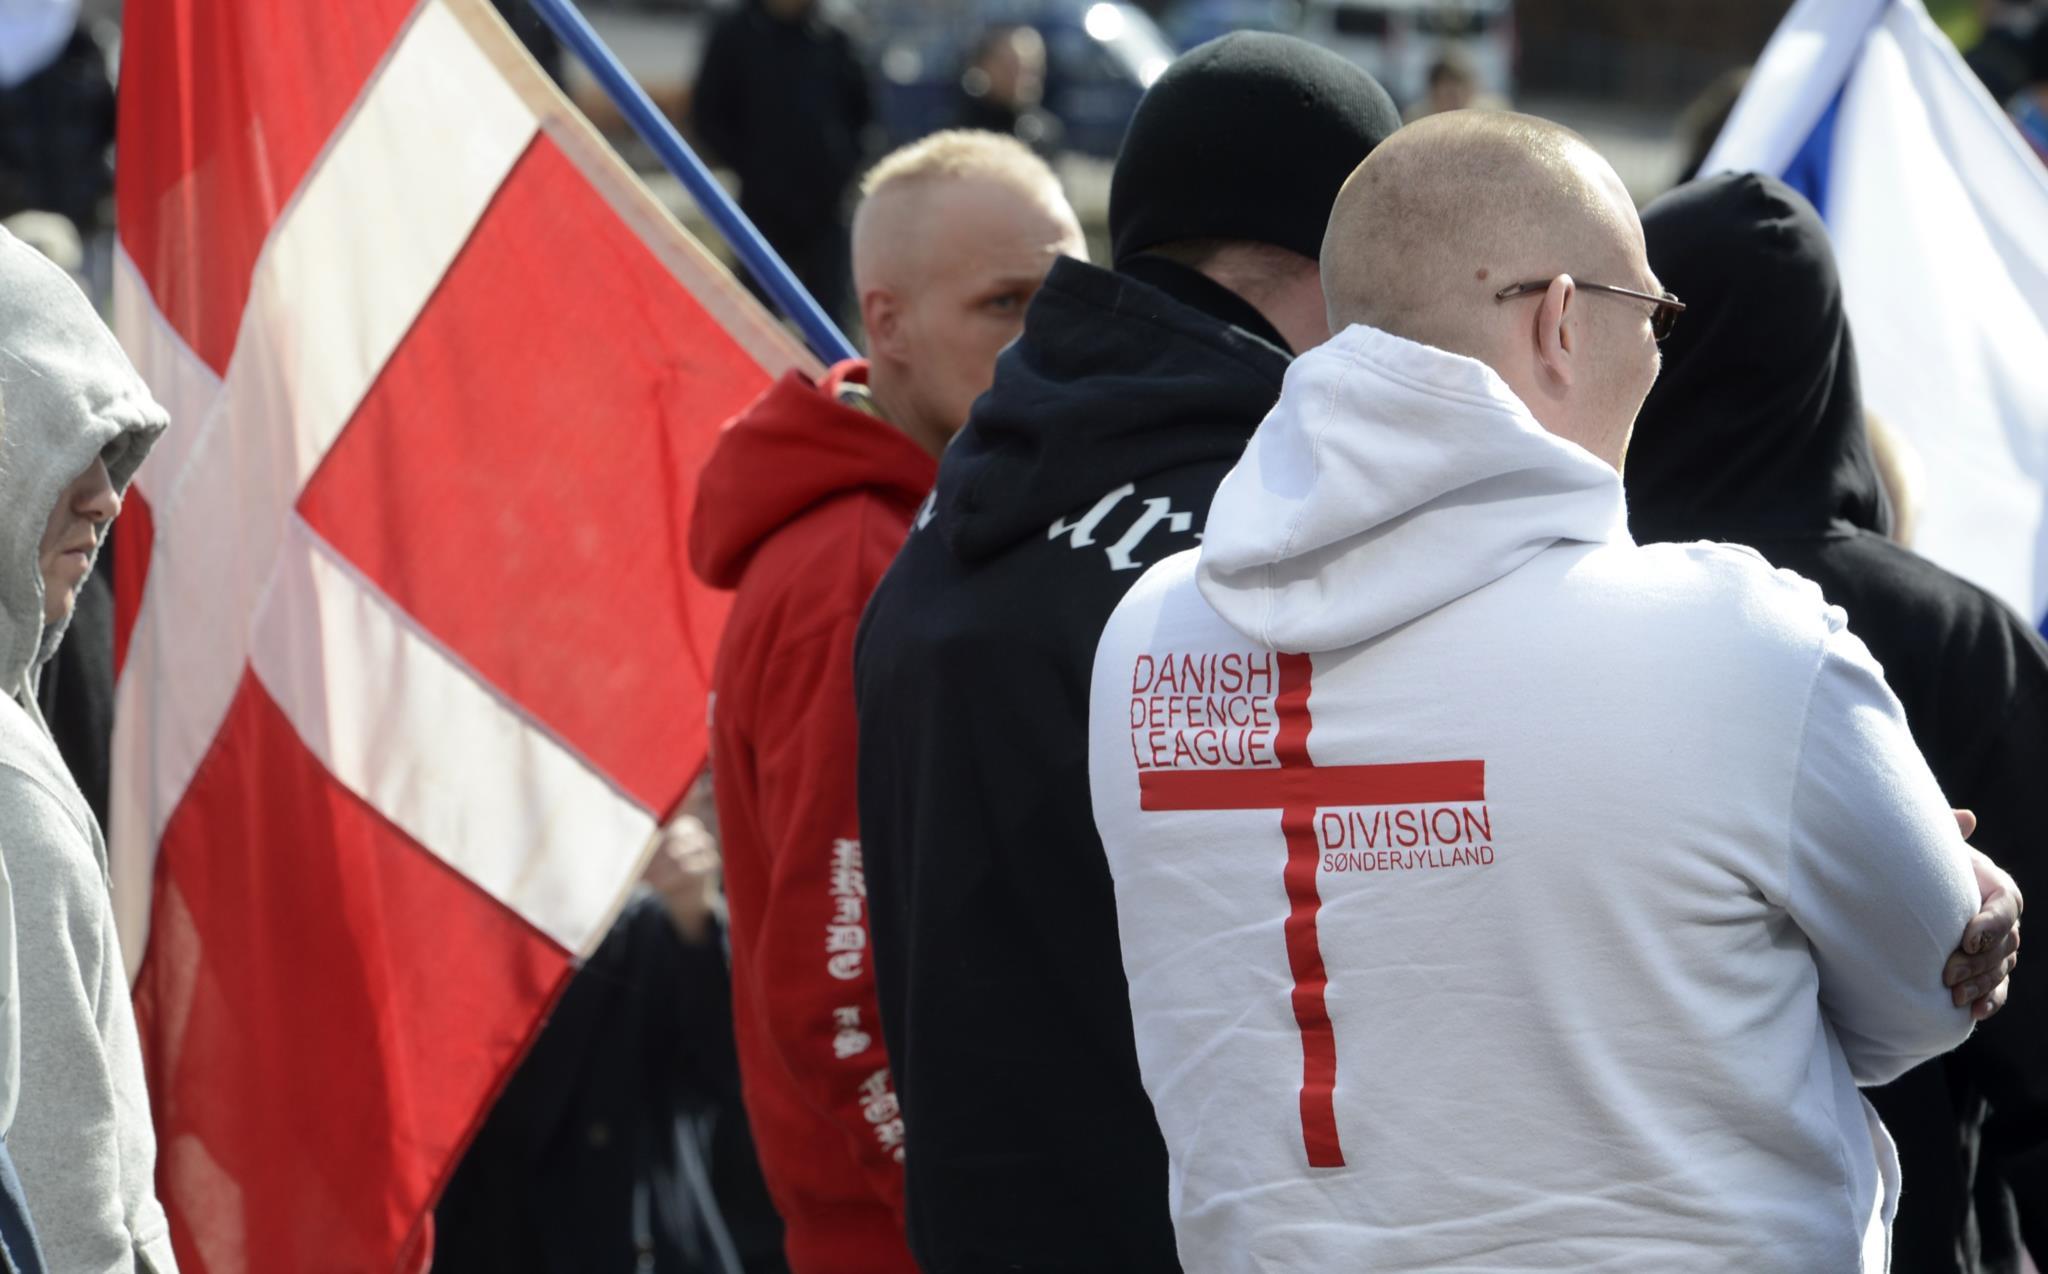 PÚBLICO - Dinamarca: um partido mais radical do que a extrema-direita